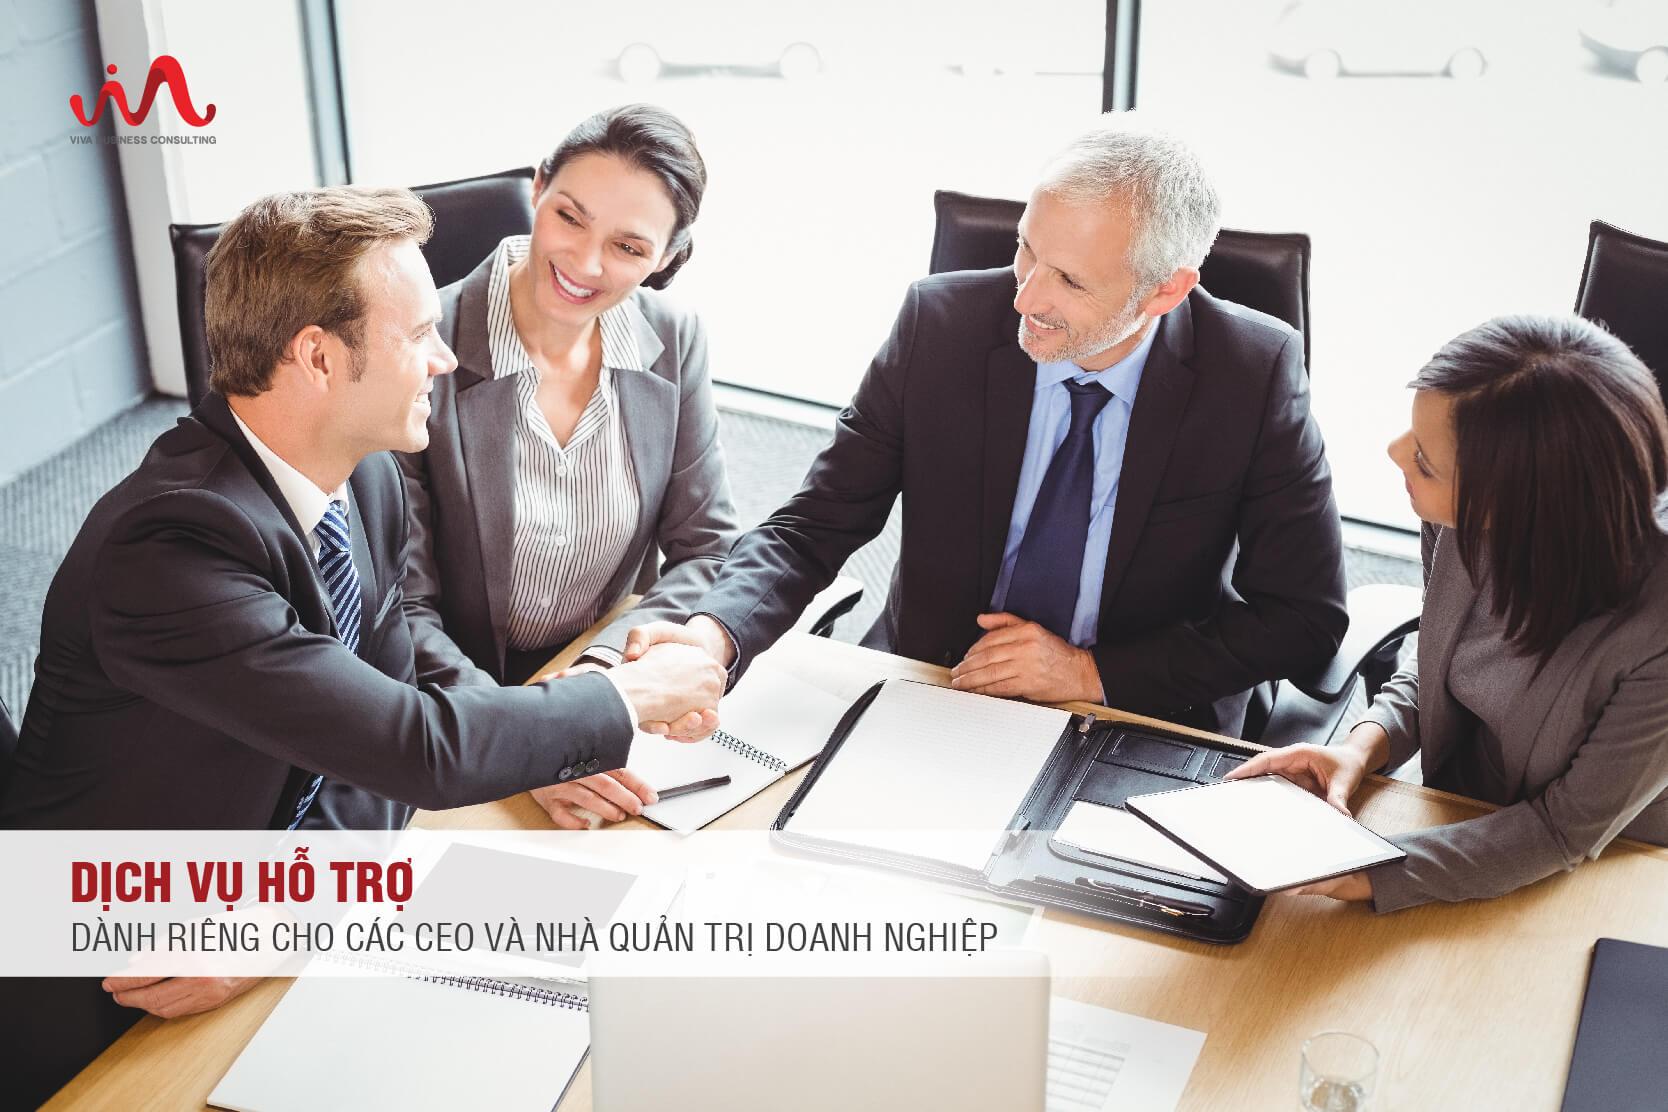 Dịch Vụ Hỗ Trợ Dành Riêng Cho Các CEO Và Nhà Quản Trị Doanh Nghiệp